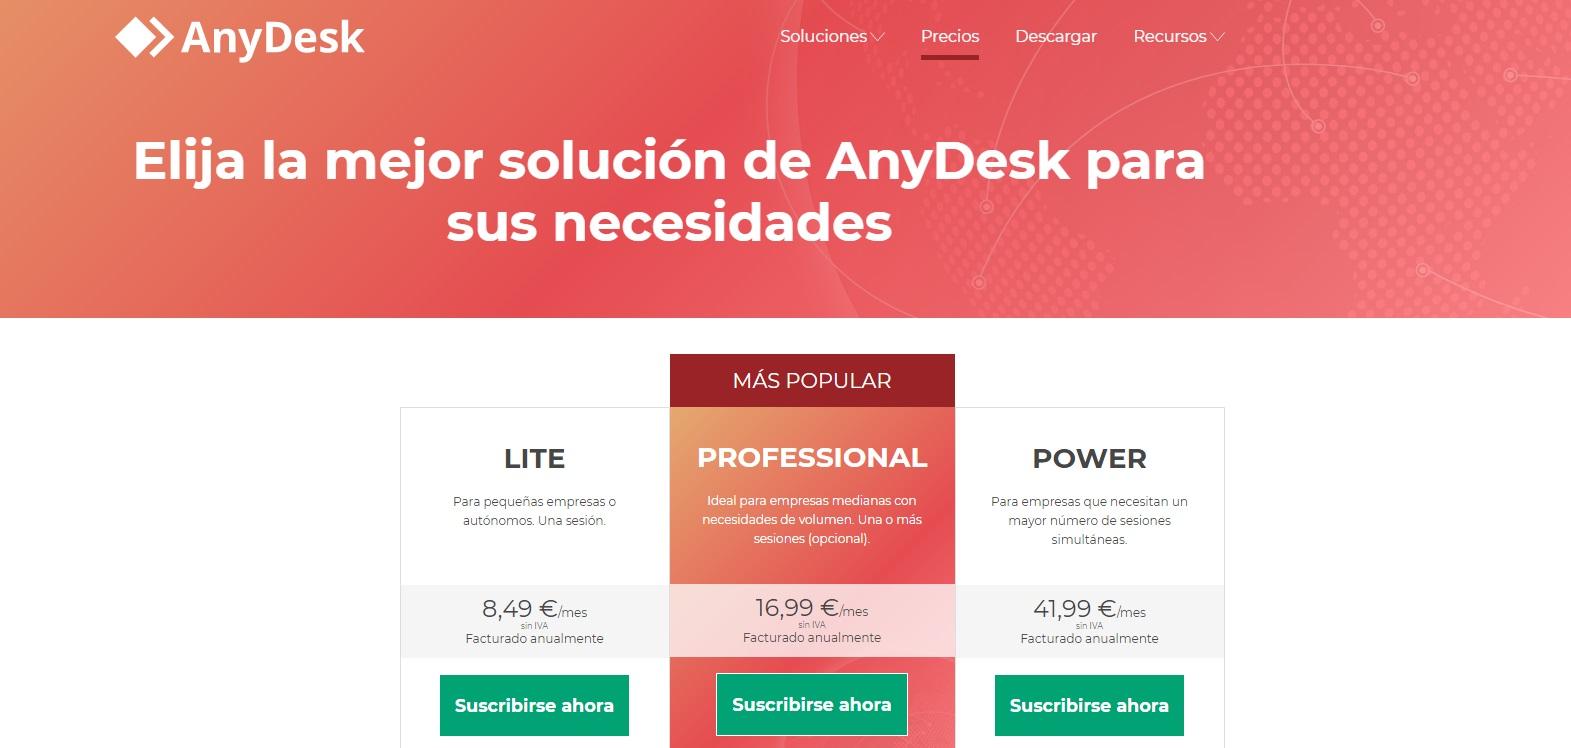 Tipos de cuenta de AnyDesk